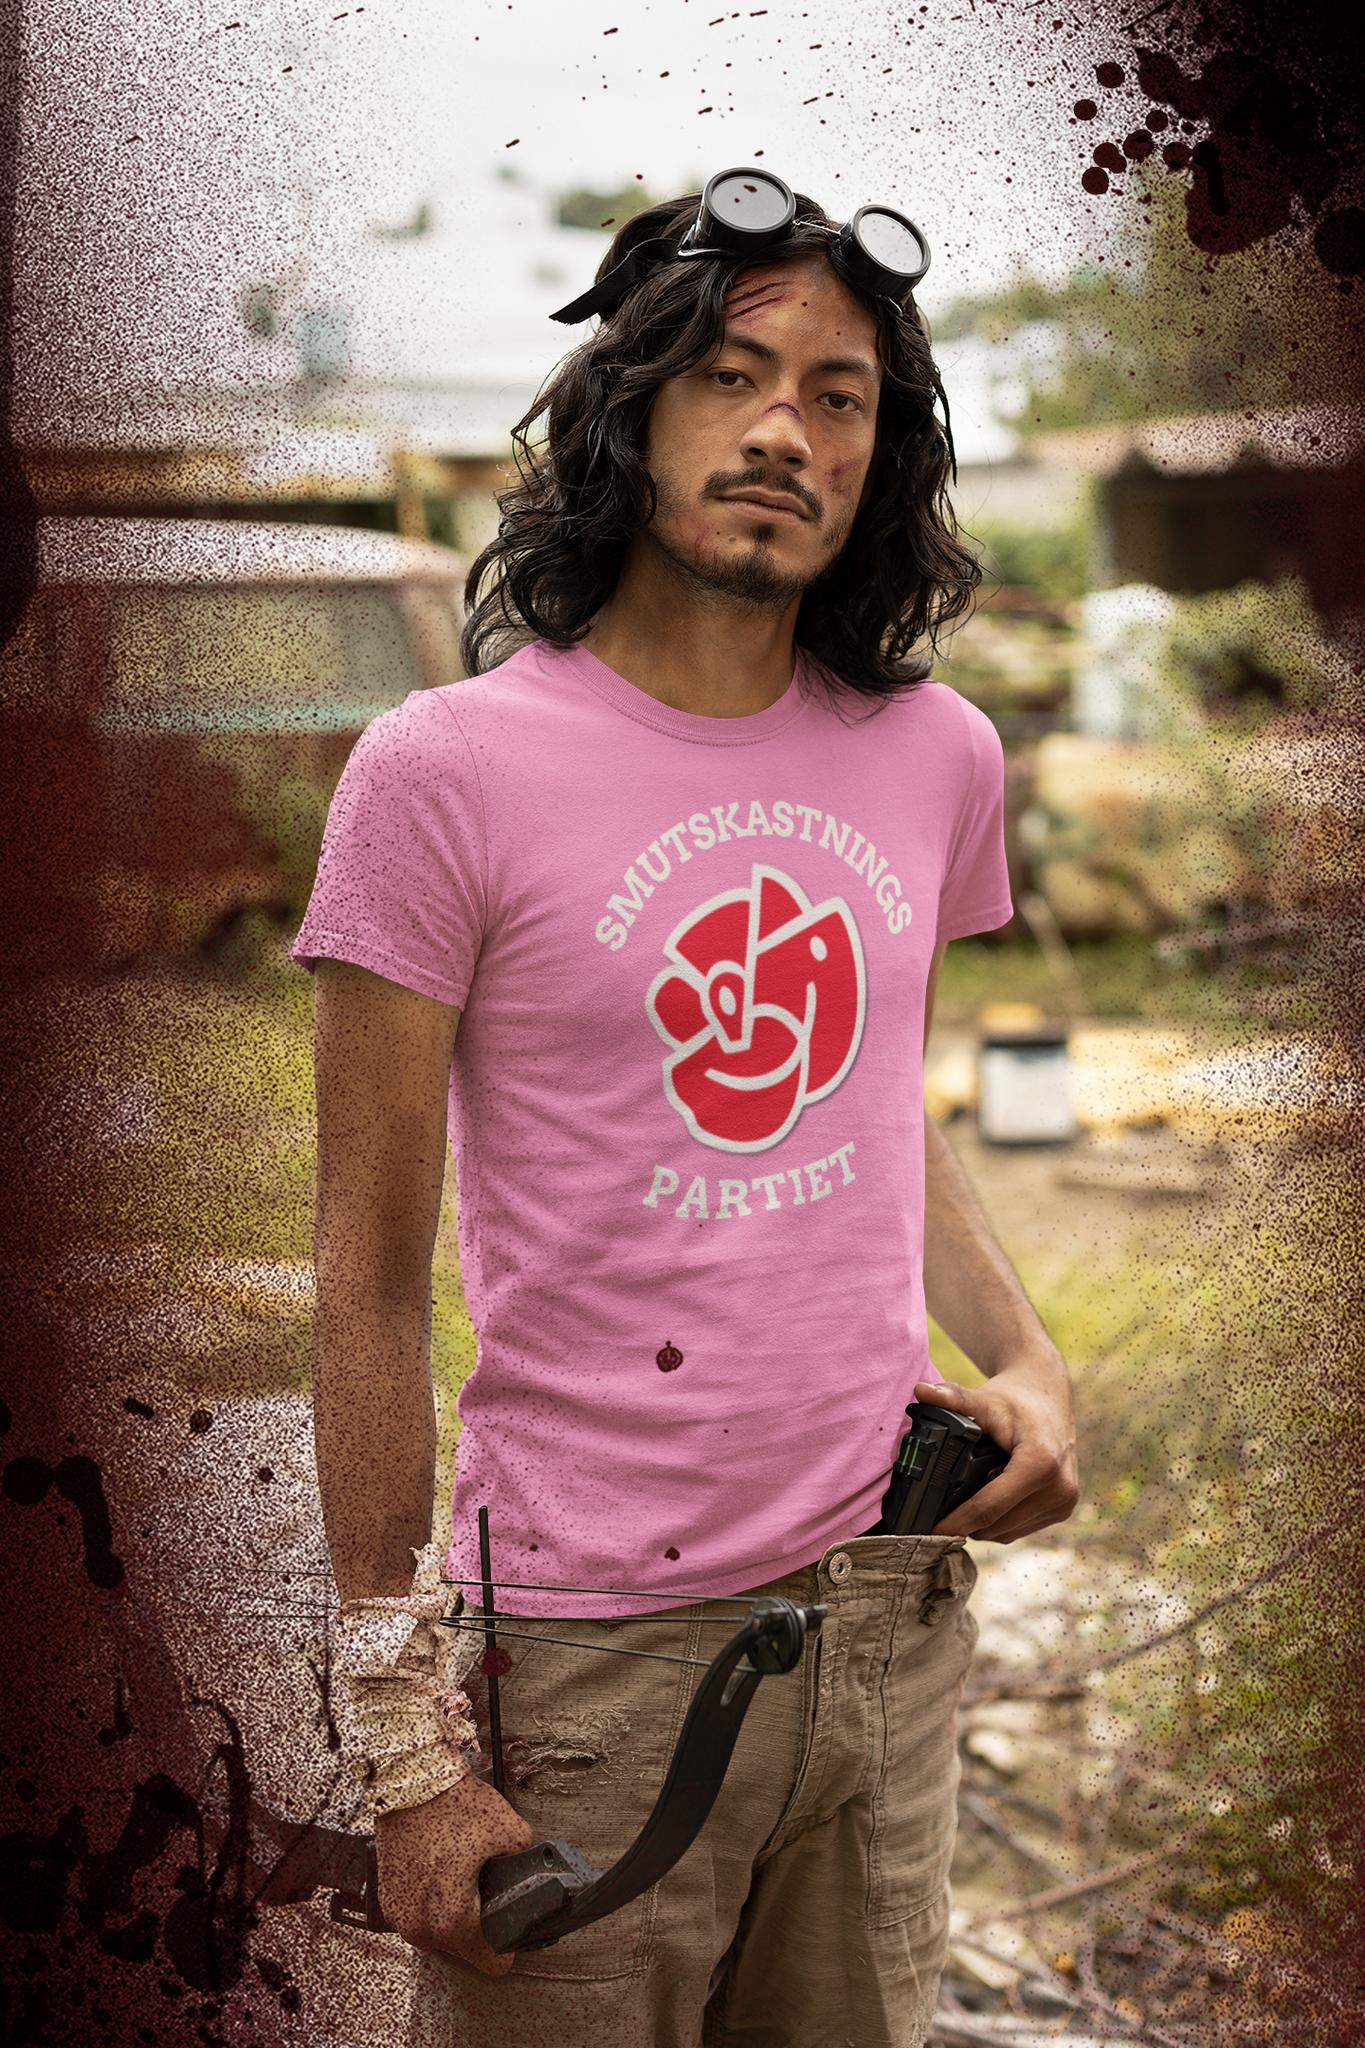 Smutskastningspartiet T-Shirt Herr